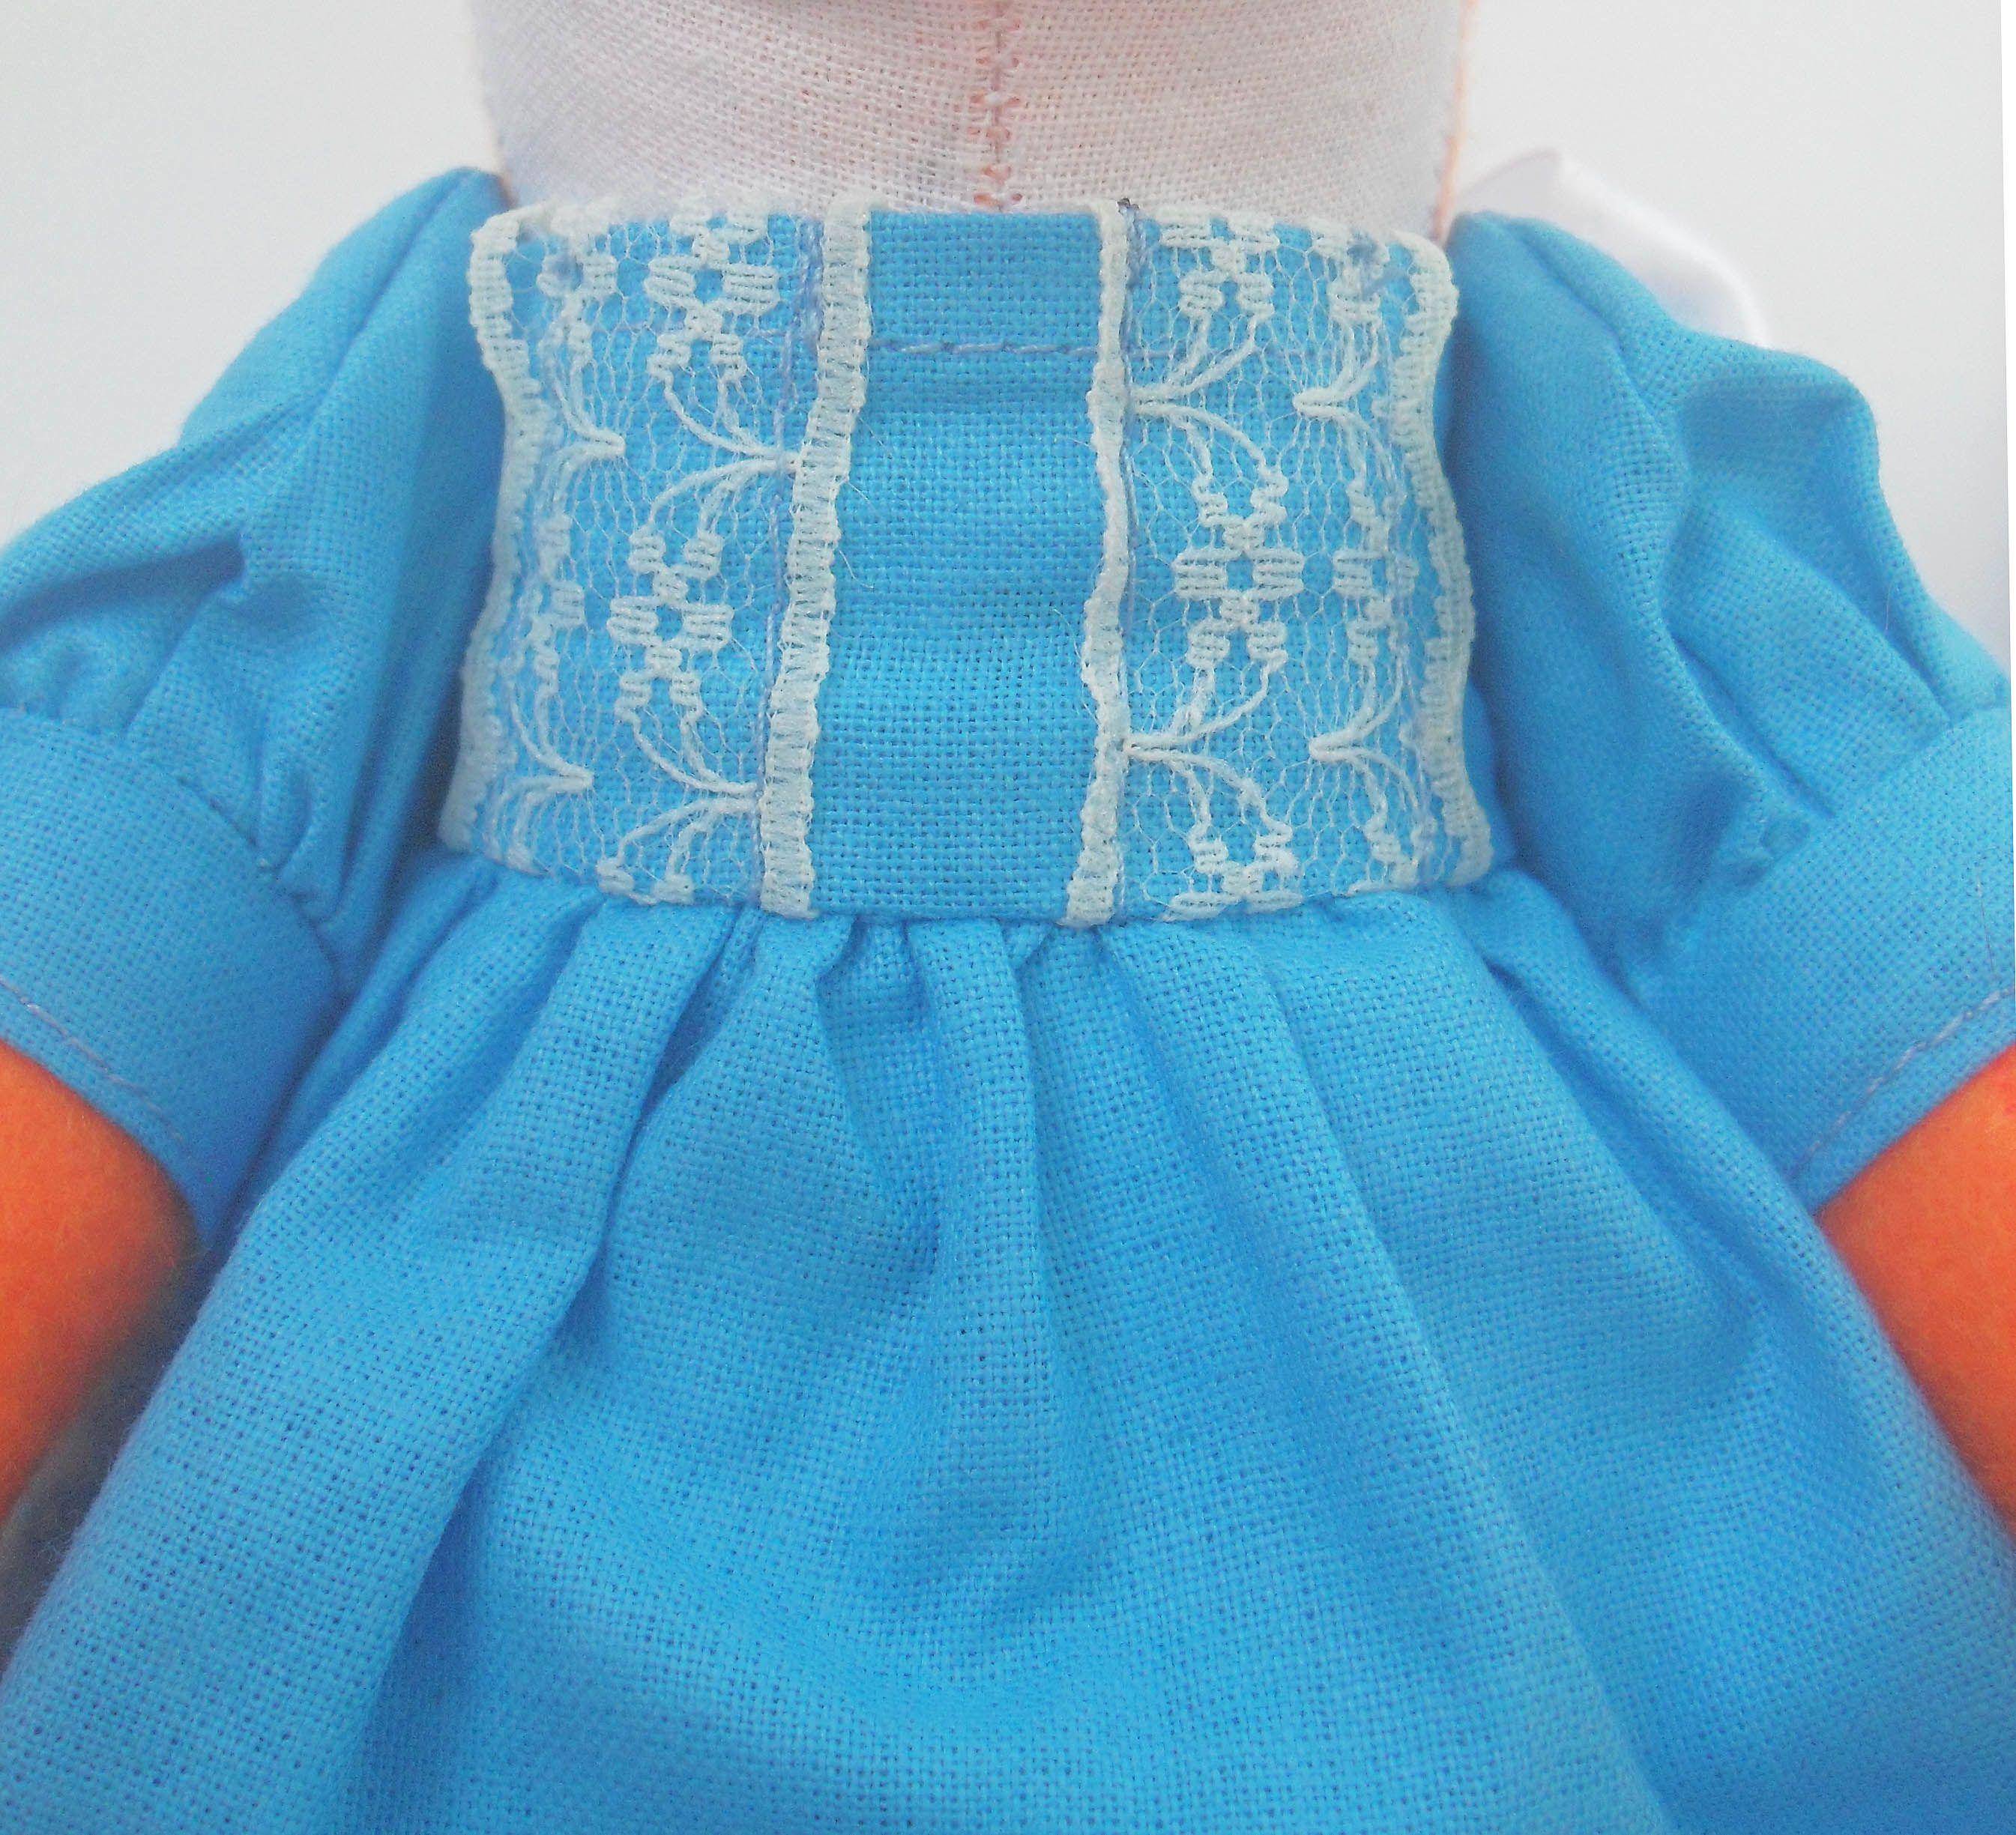 интерьерная синий игрушка кукла лиса мягкая ручной работы белый подарок рыжий оранжевый текстильная